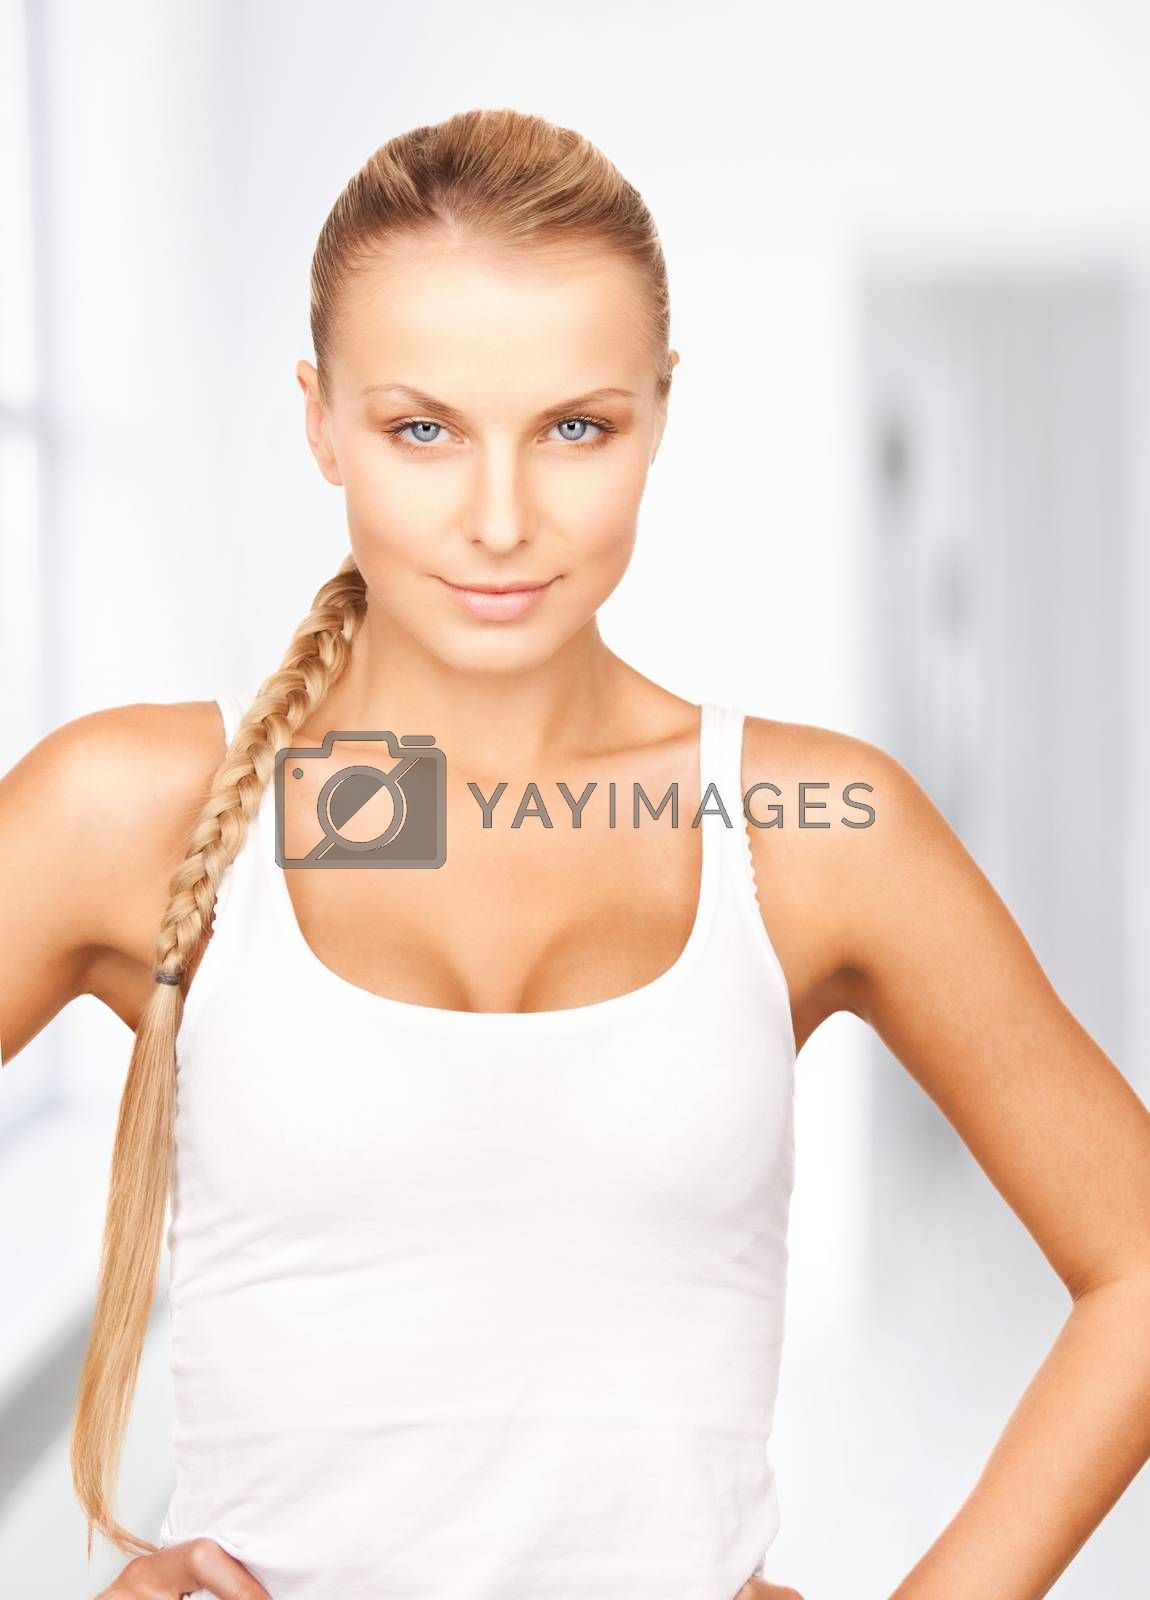 beautiful woman in cotton underwear by dolgachov